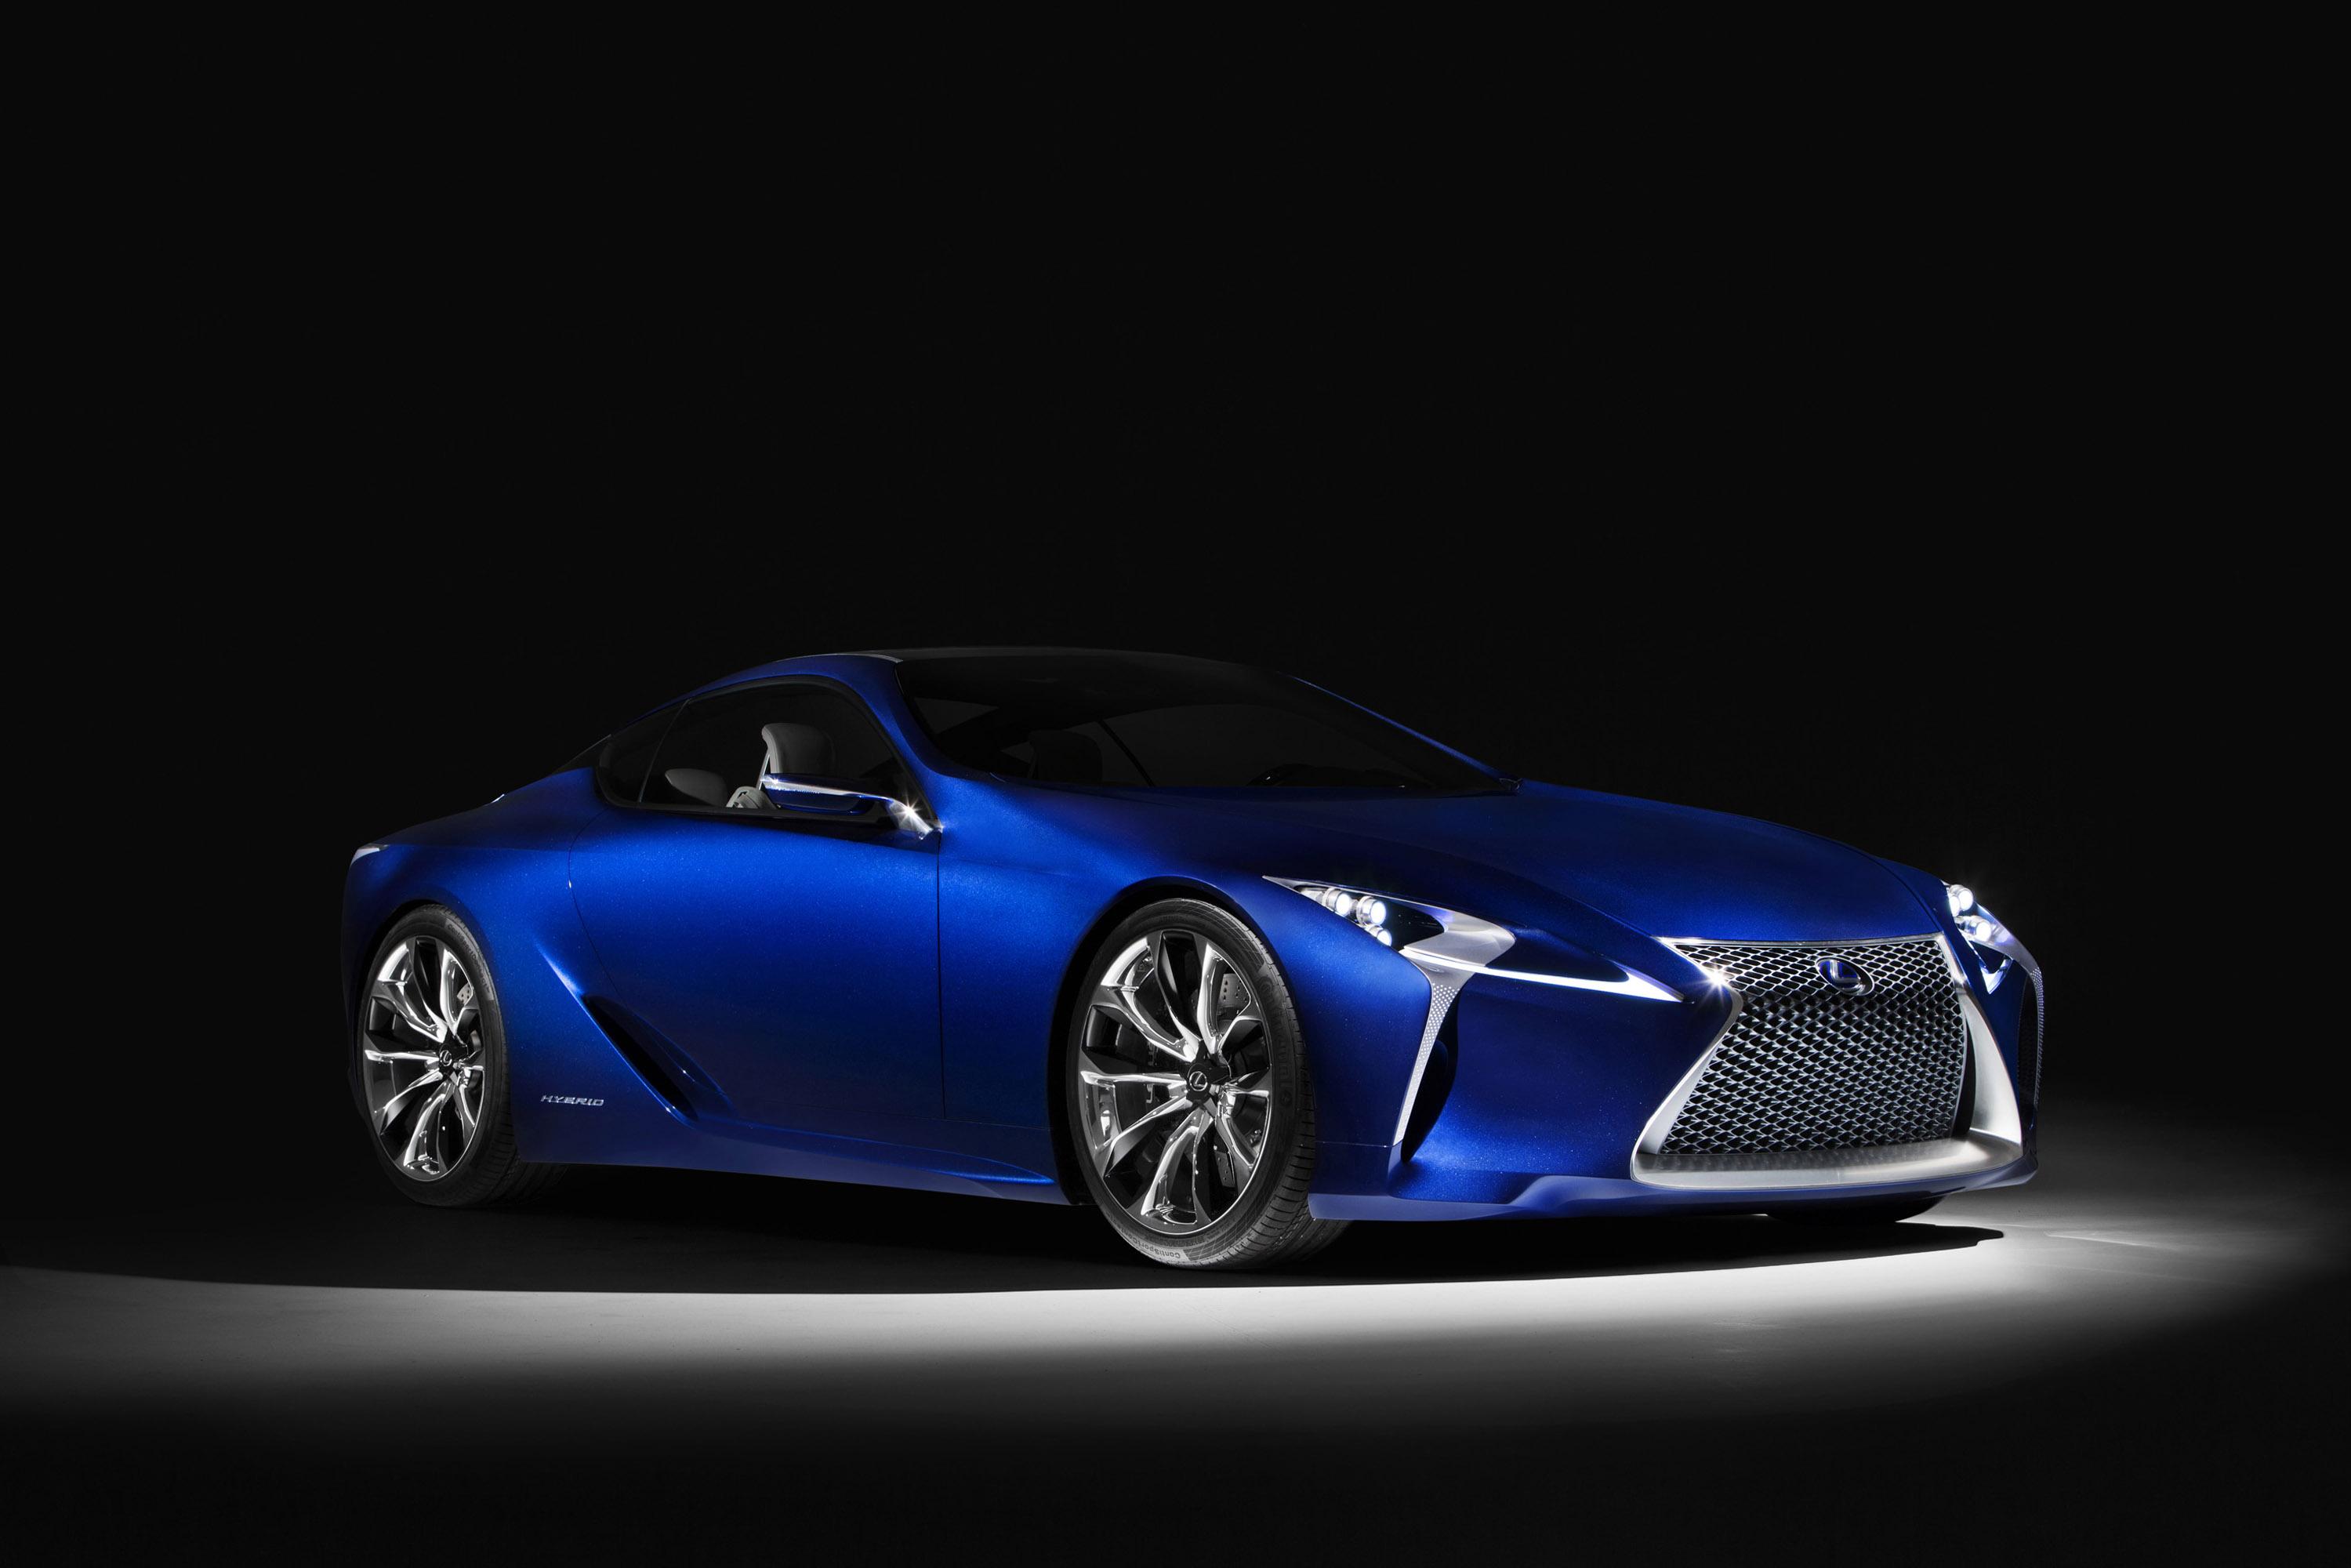 Lexus Concept Car: Lexus LF-LC Blue Concept Revealed In Sydney